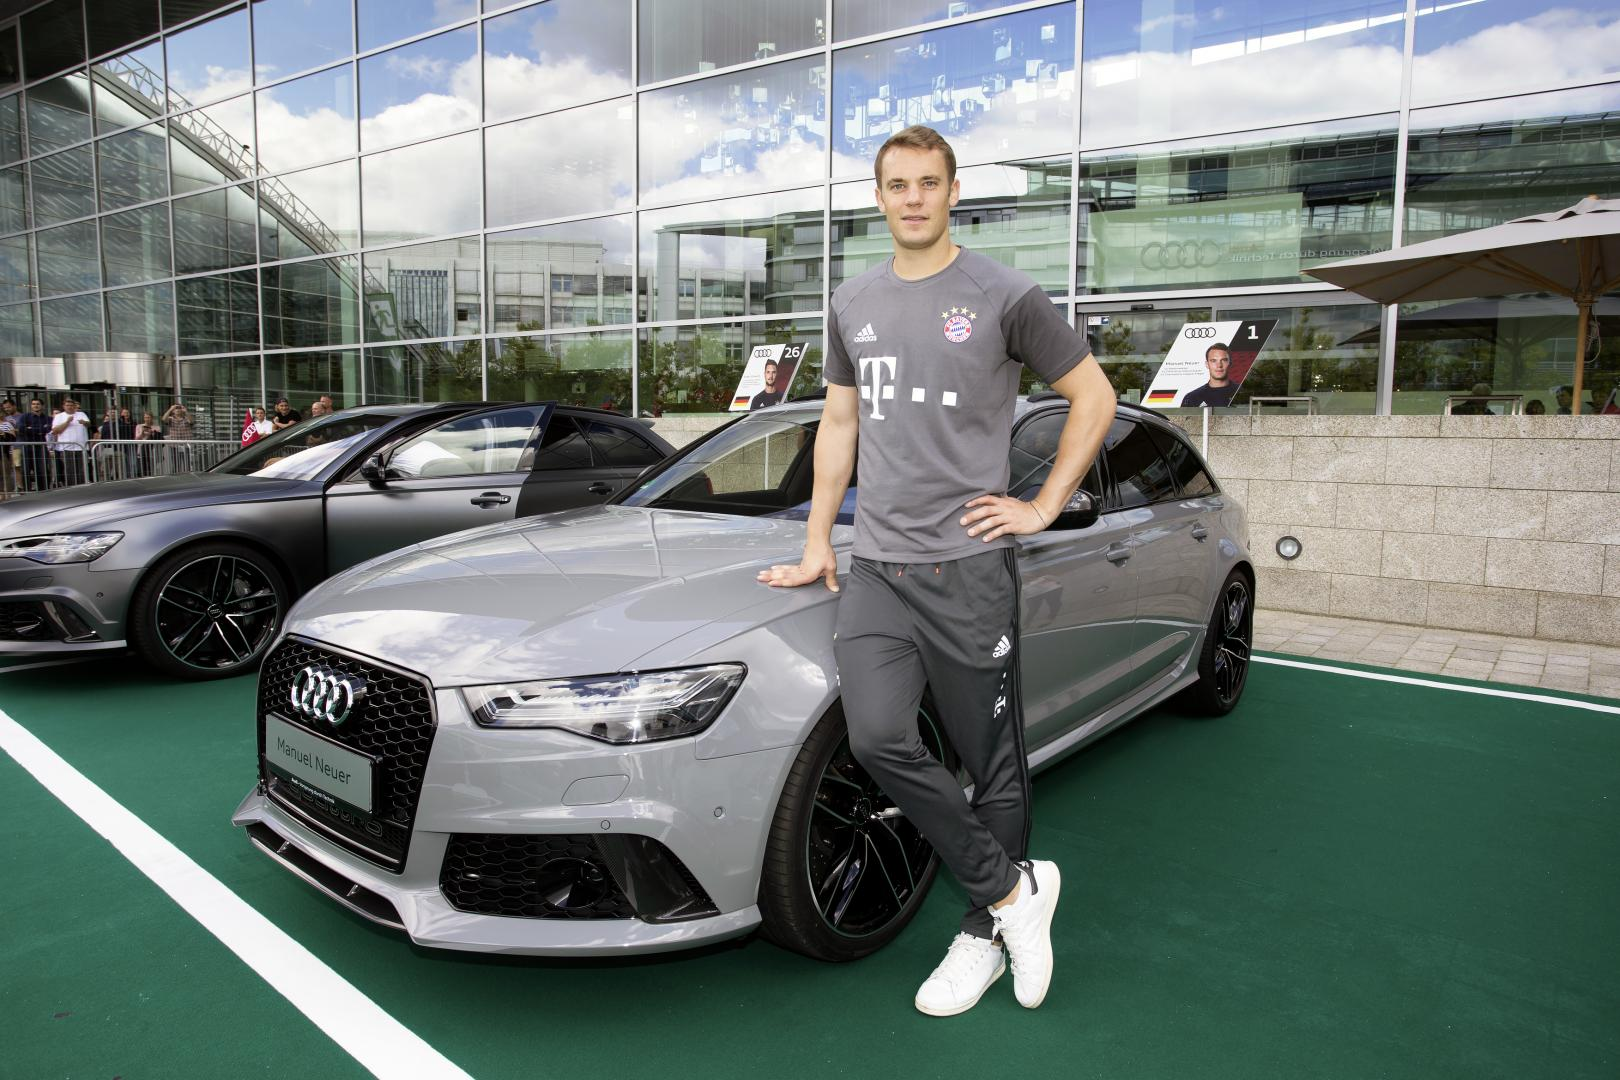 De Auto S Van De Voetballers Van Fc Bayern